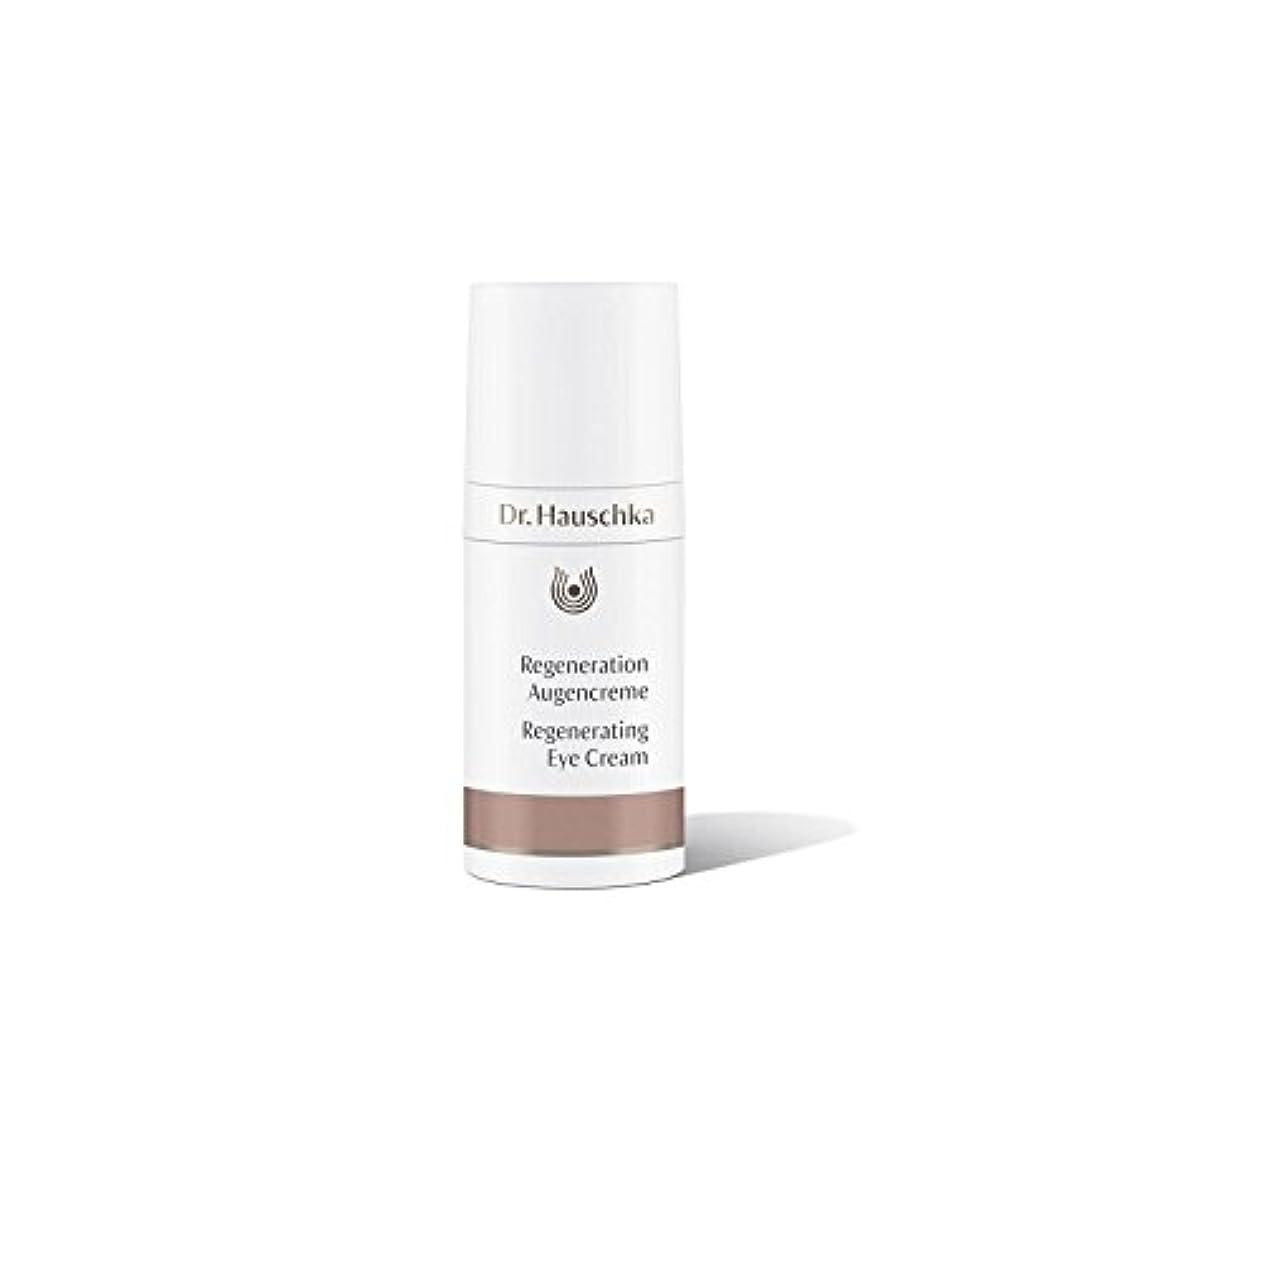 感覚変化インタラクションアイクリーム15ミリリットルを再生ハウシュカ x2 - Dr. Hauschka Regenerating Eye Cream 15ml (Pack of 2) [並行輸入品]